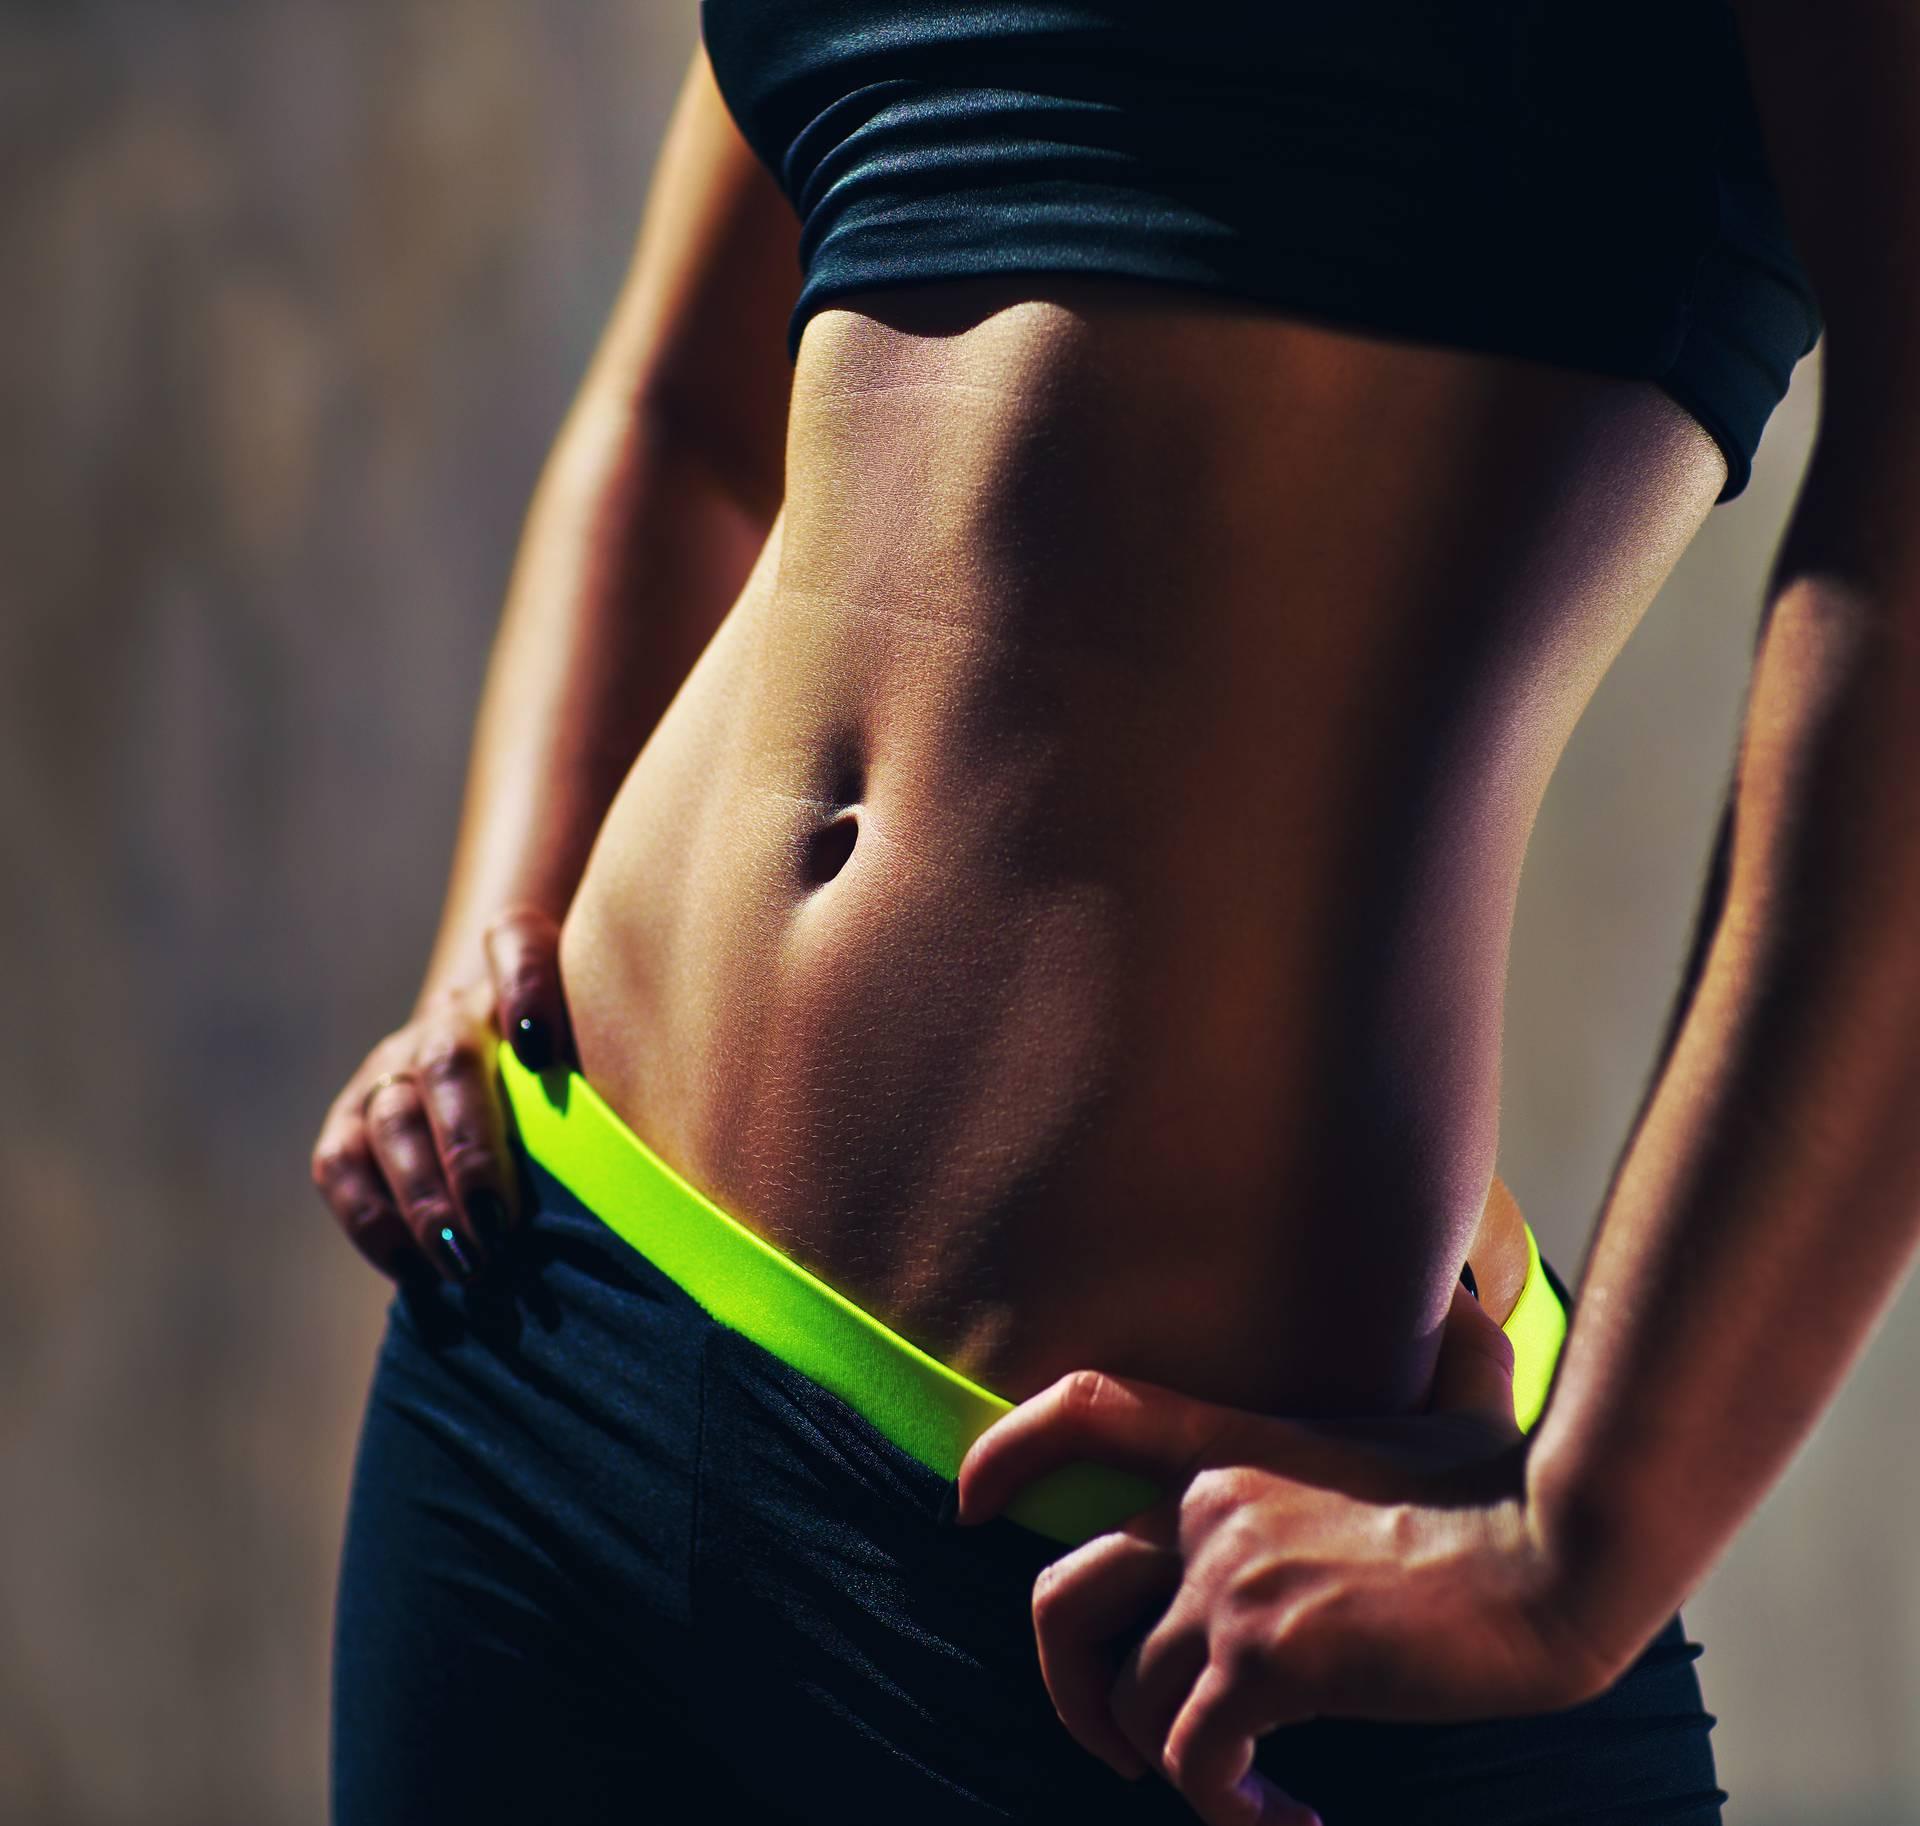 Obrok nakon vježbanja može pojačati učinak izgaranja masti